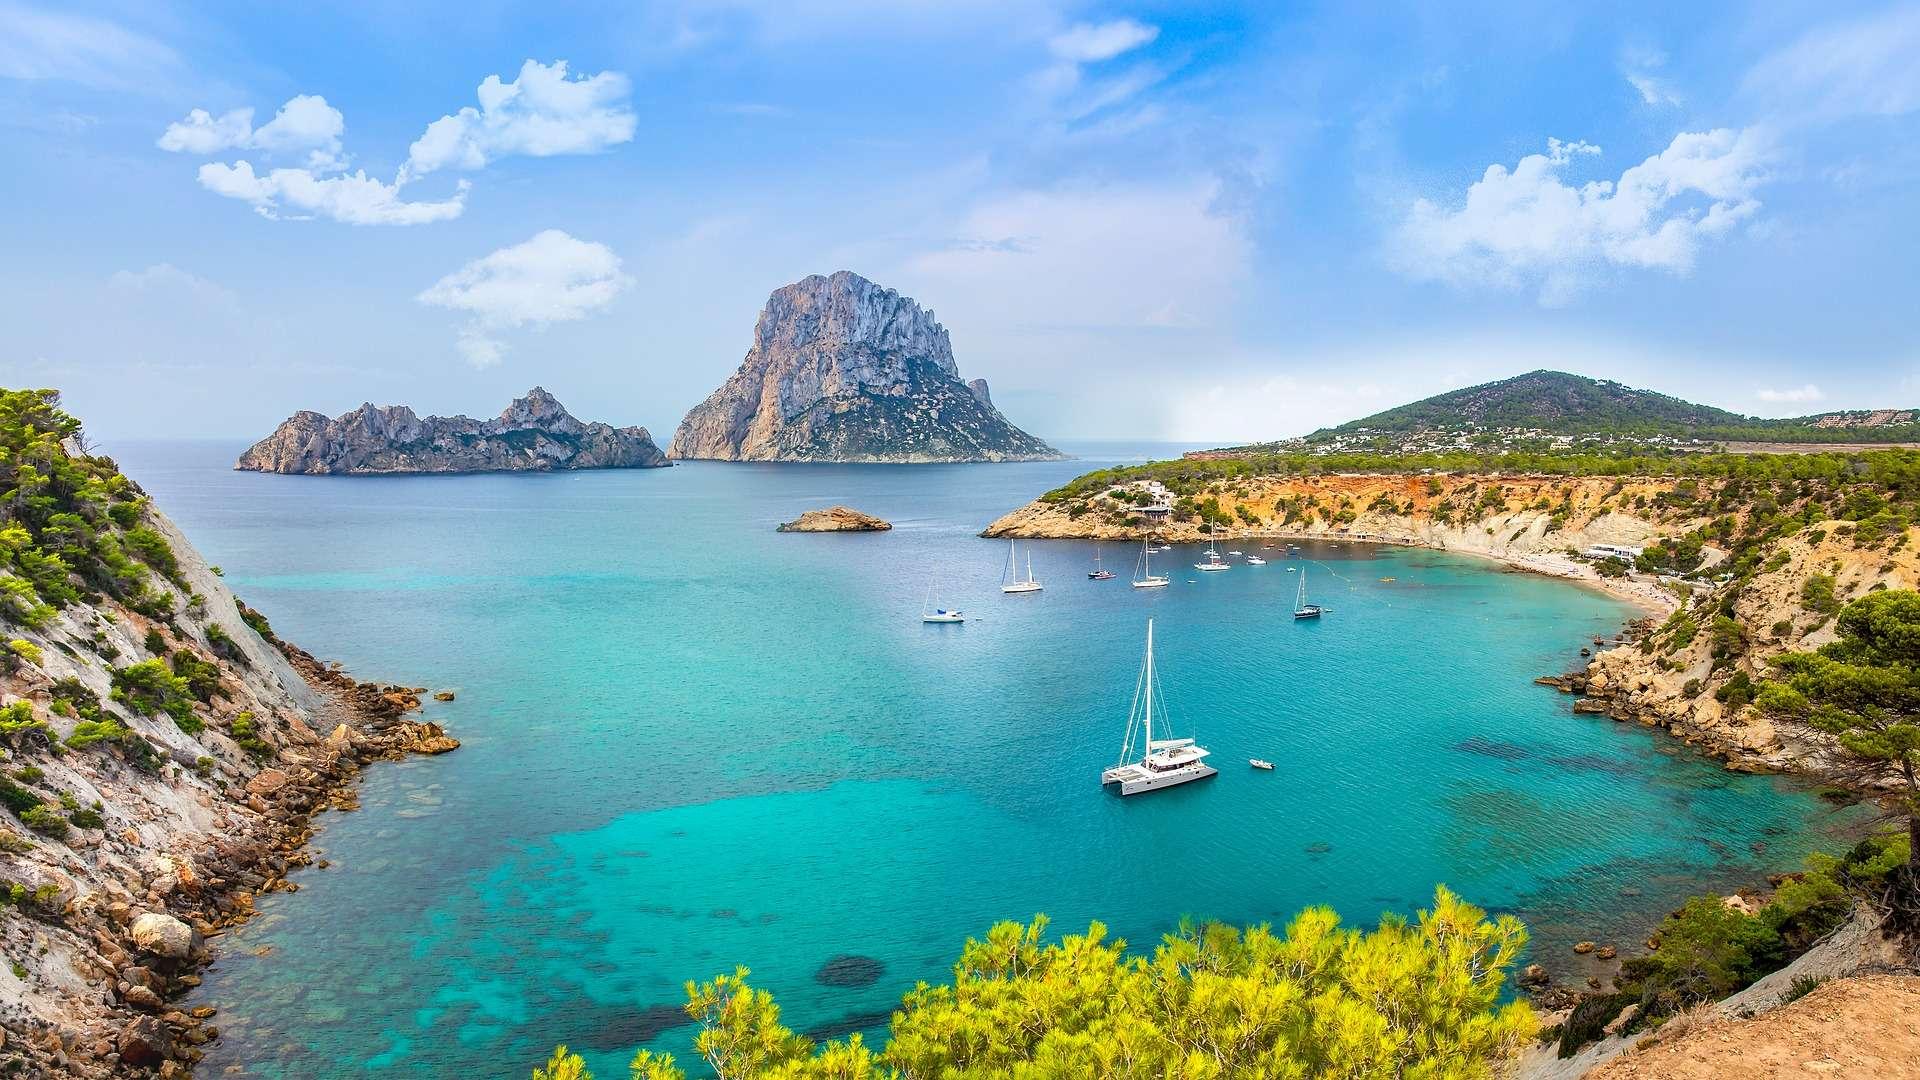 купить остров в испании цены